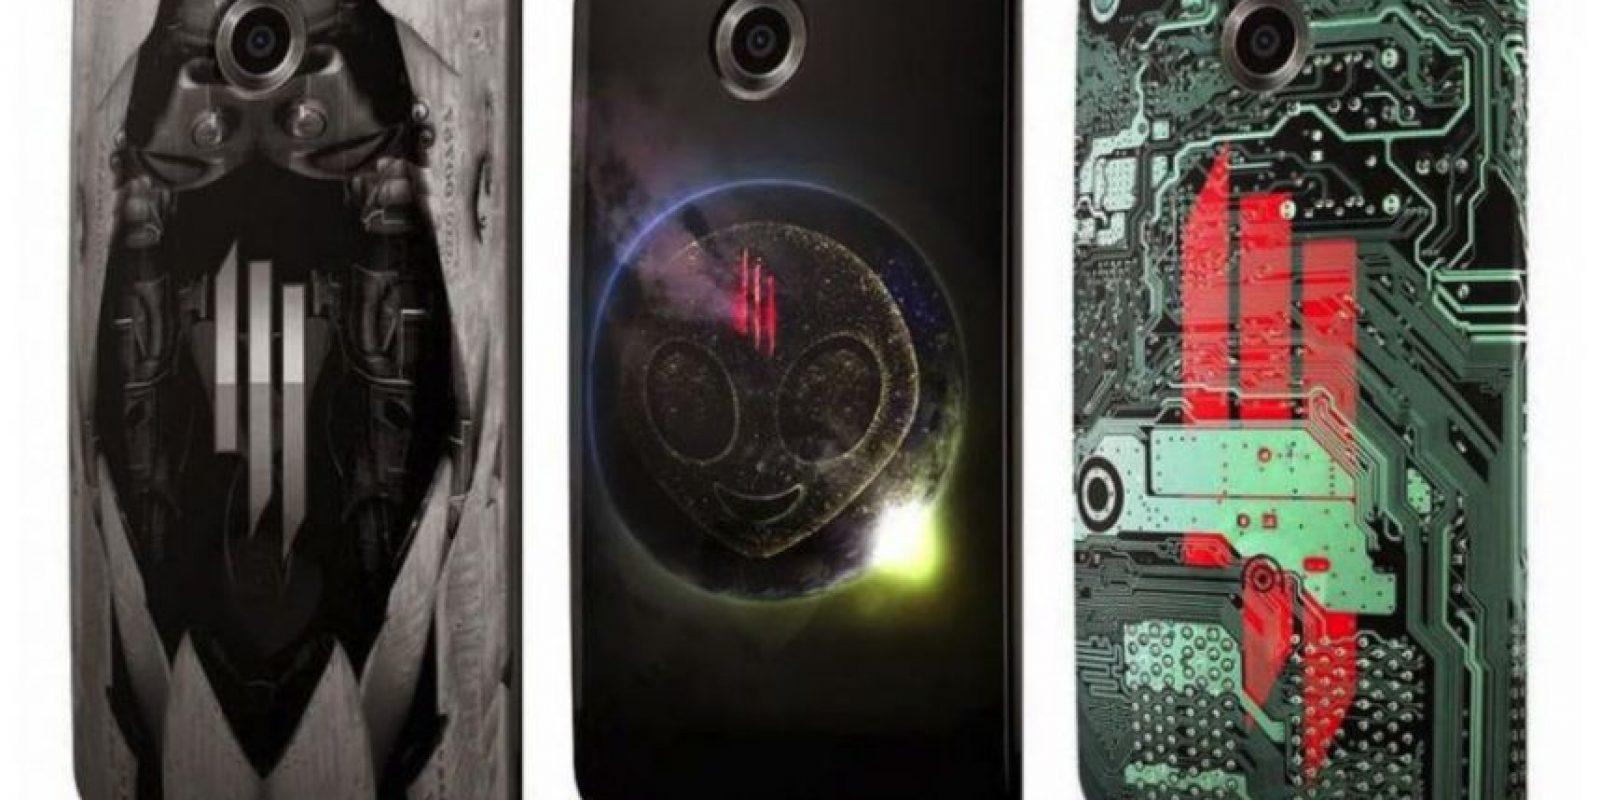 Serán compatibles con los teléfonos Nexus 5, Nexus 6, Galaxy S5, Galaxy S6 y Galaxy Note 4 Foto:Google